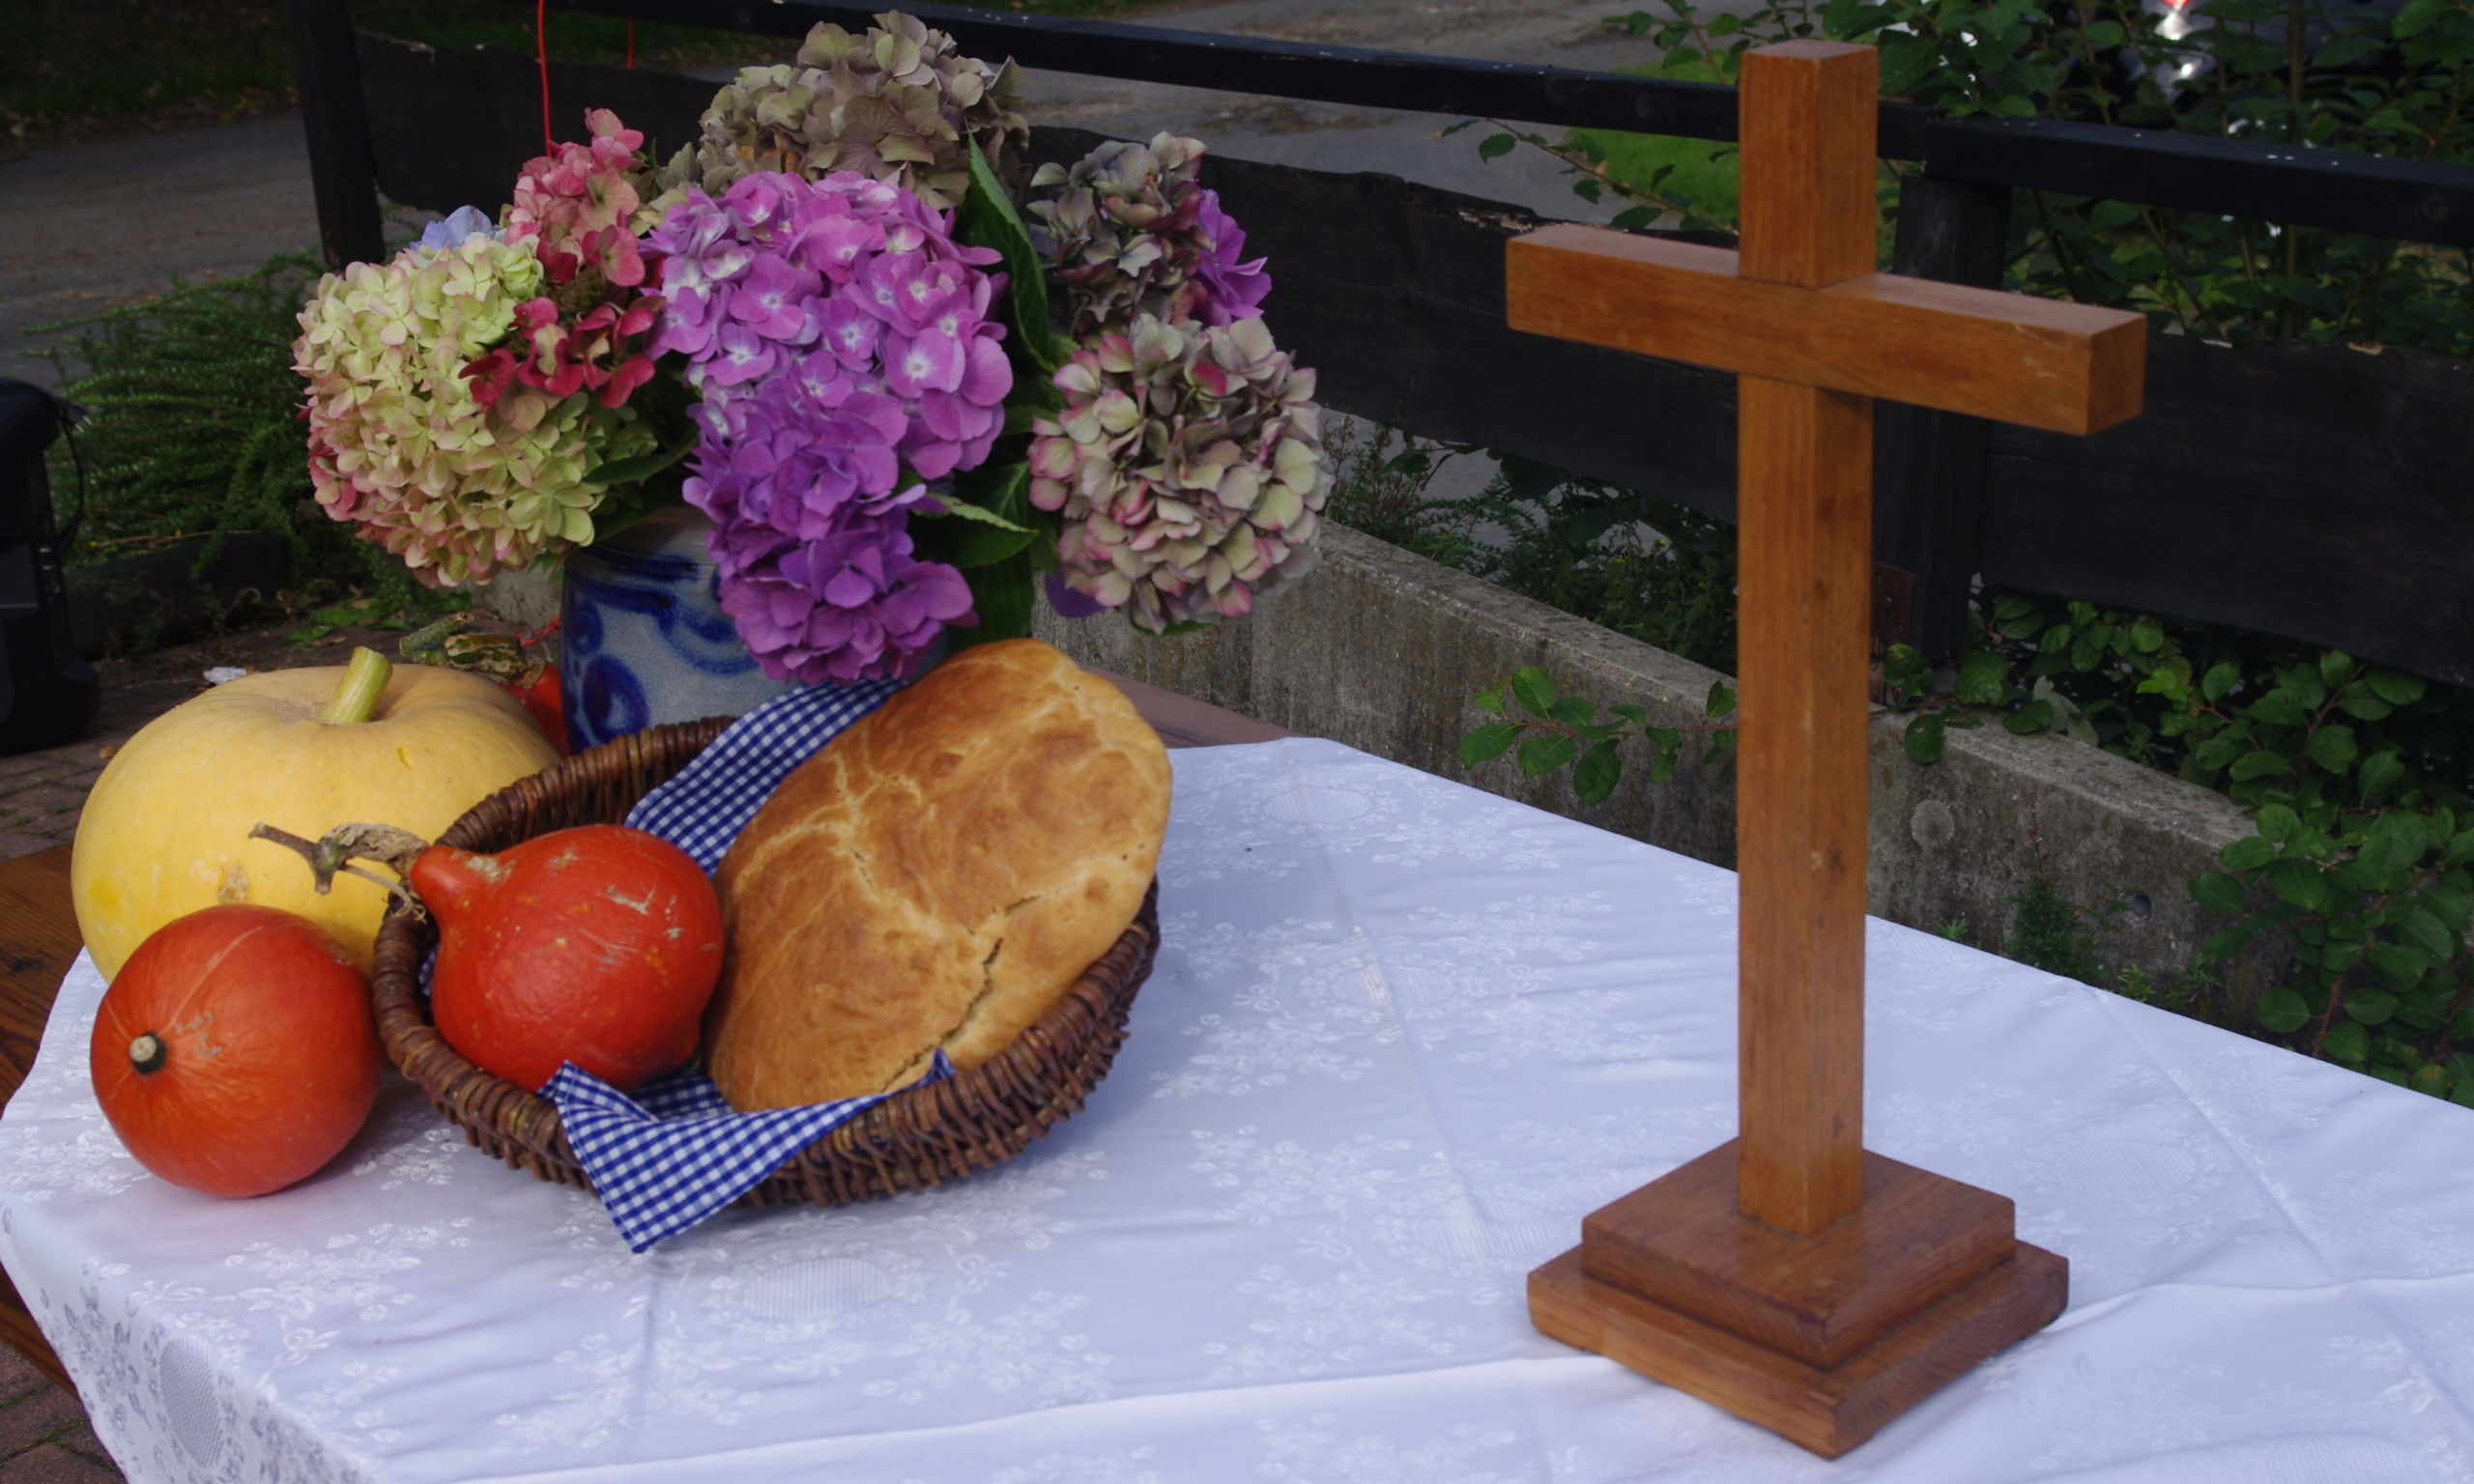 Erntedank-Familiengottesdienst am Sonntag, den 04.10.2020